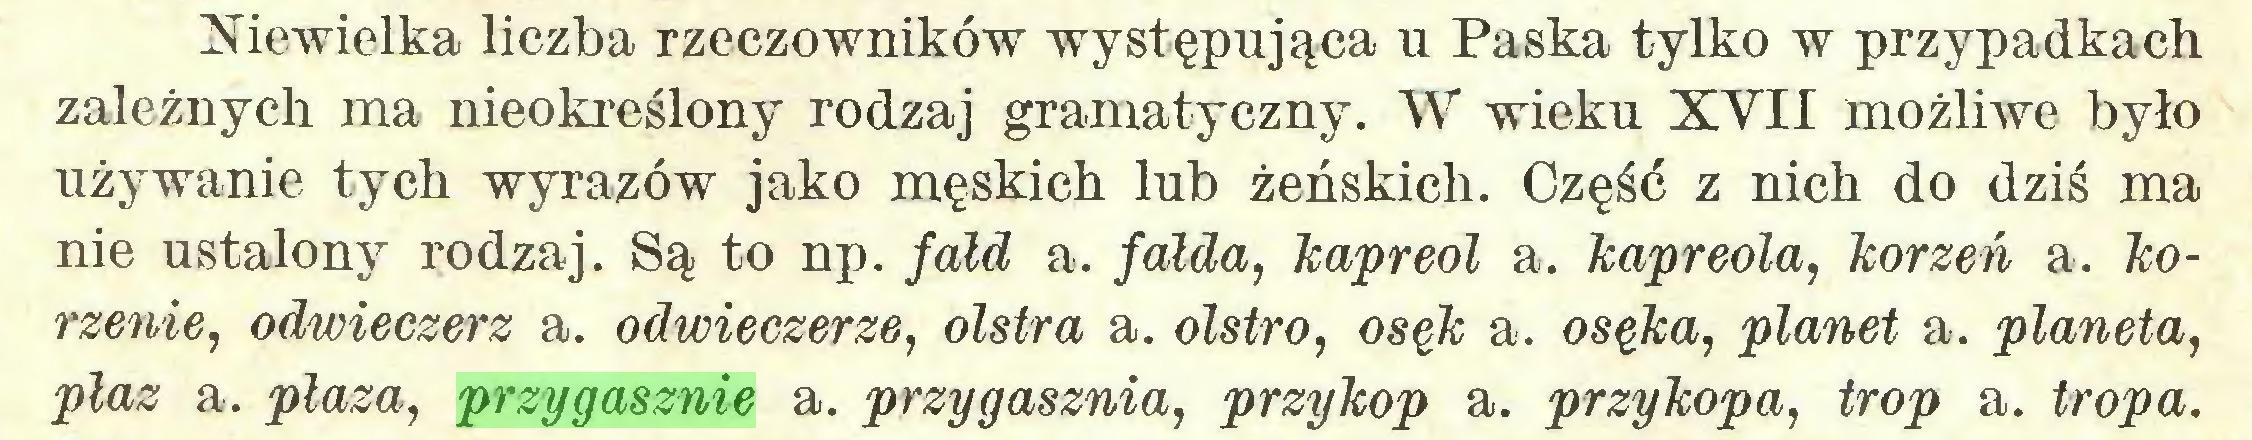 (...) Niewielka liczba rzeczowników występująca u Paska tylko w przypadkach zależnych ma nieokreślony rodzaj gramatyczny. W wieku XVII możliwe było używanie tych wyrazów jako męskich lub żeńskich. Część z nich do dziś ma nie ustalony rodzaj. Są to np. fałd a. fałda, kapreol a. kapreola, korzeń a. korzenie, odwieczerz a. odwieczerze, olstra a. ołstro, osęk a. osęka, planet a. planeta, płaz a. płaza, przygasznie a. przygasznia, przykop a. przykopa, trop a. tropa...